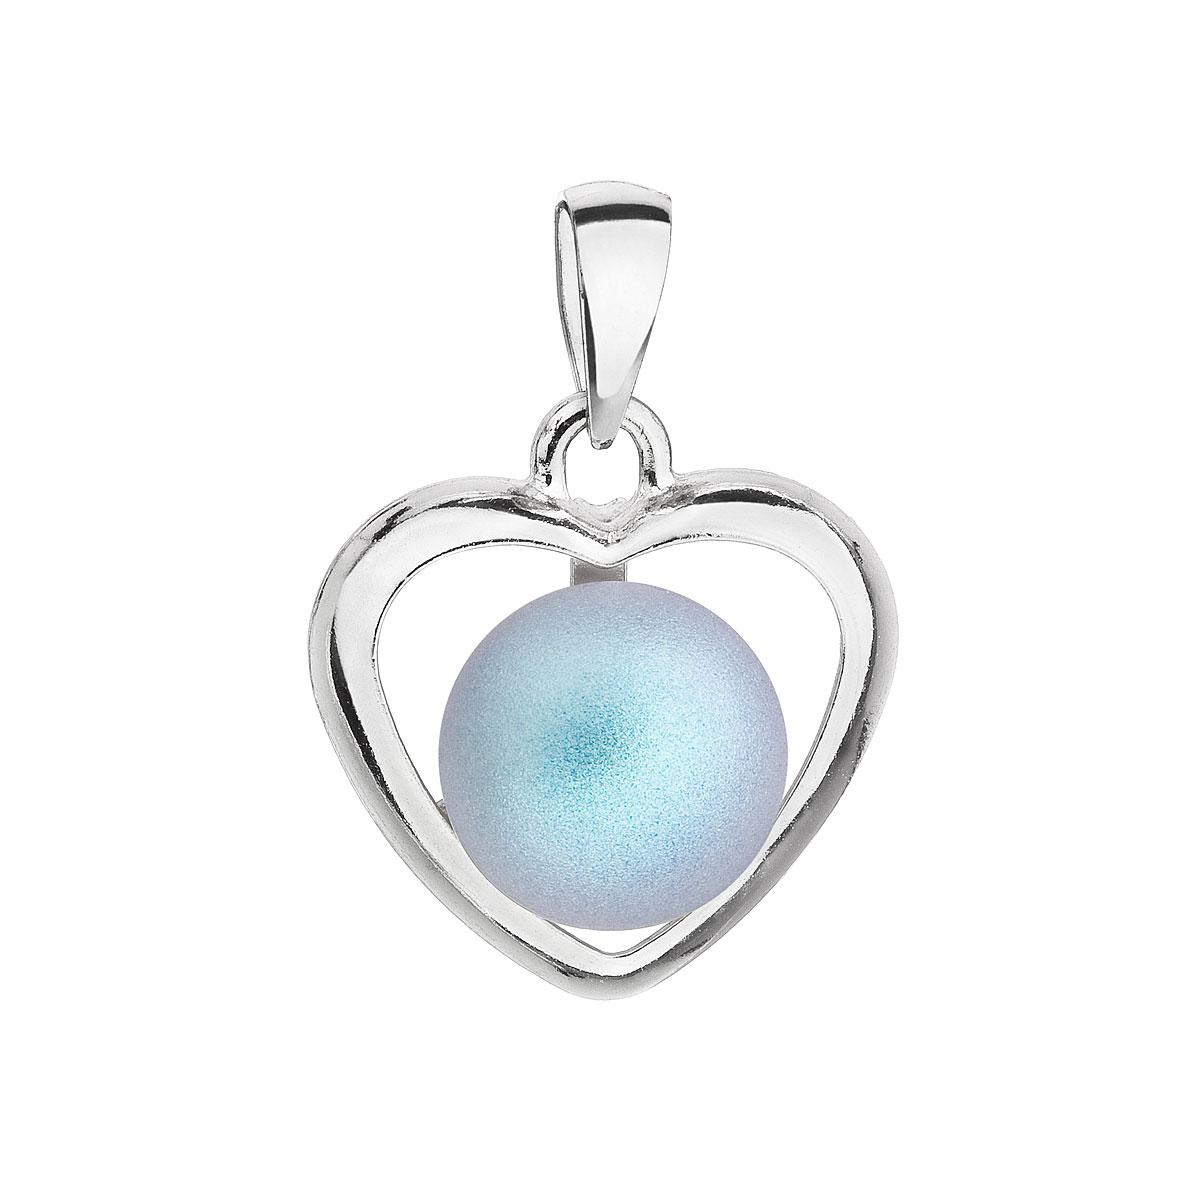 Evolution Group Stříbrný přívěsek se světlemodrou matnou perlou srdce 34246.3